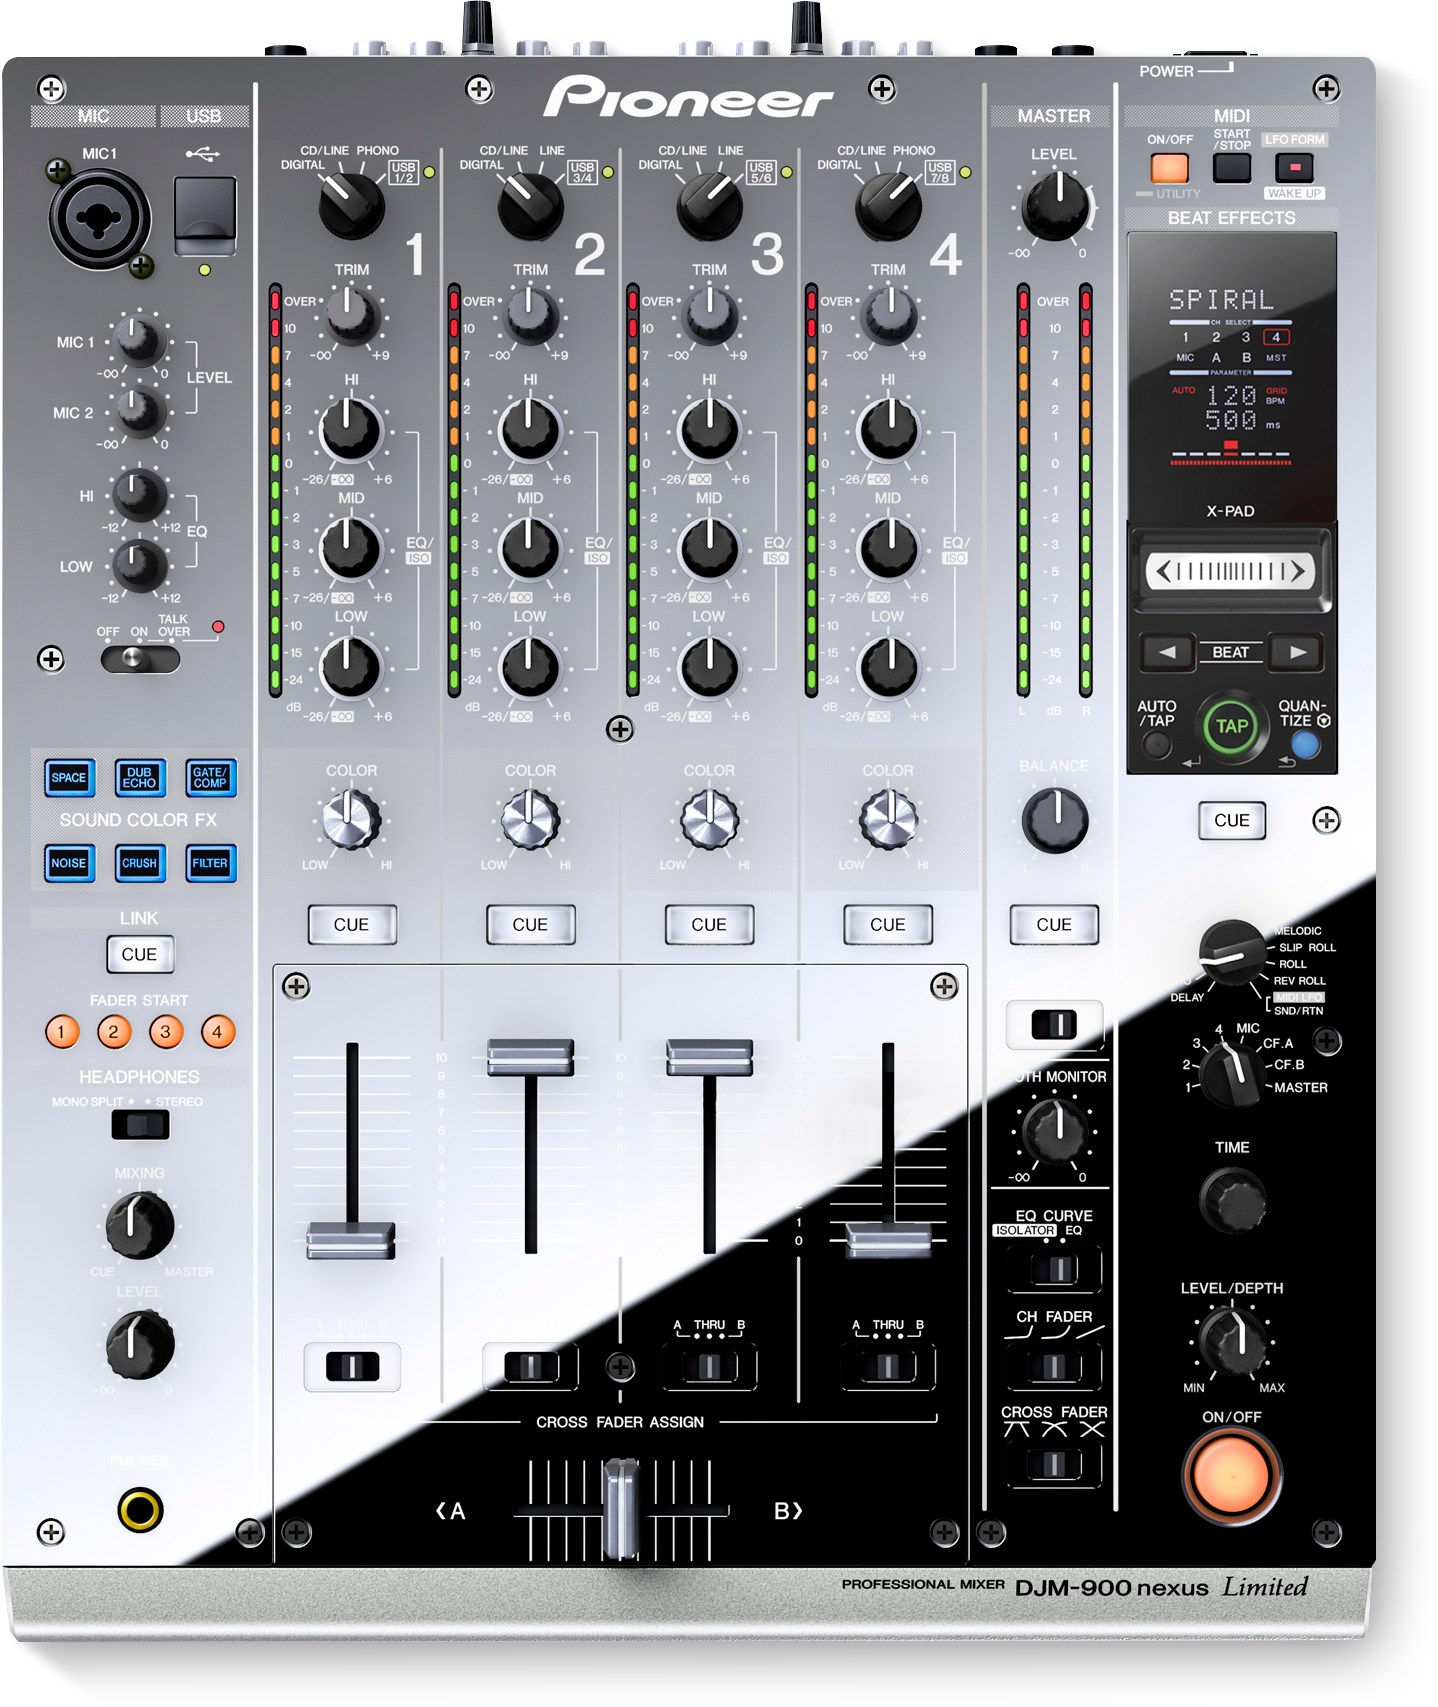 DJM-900NXS-M main